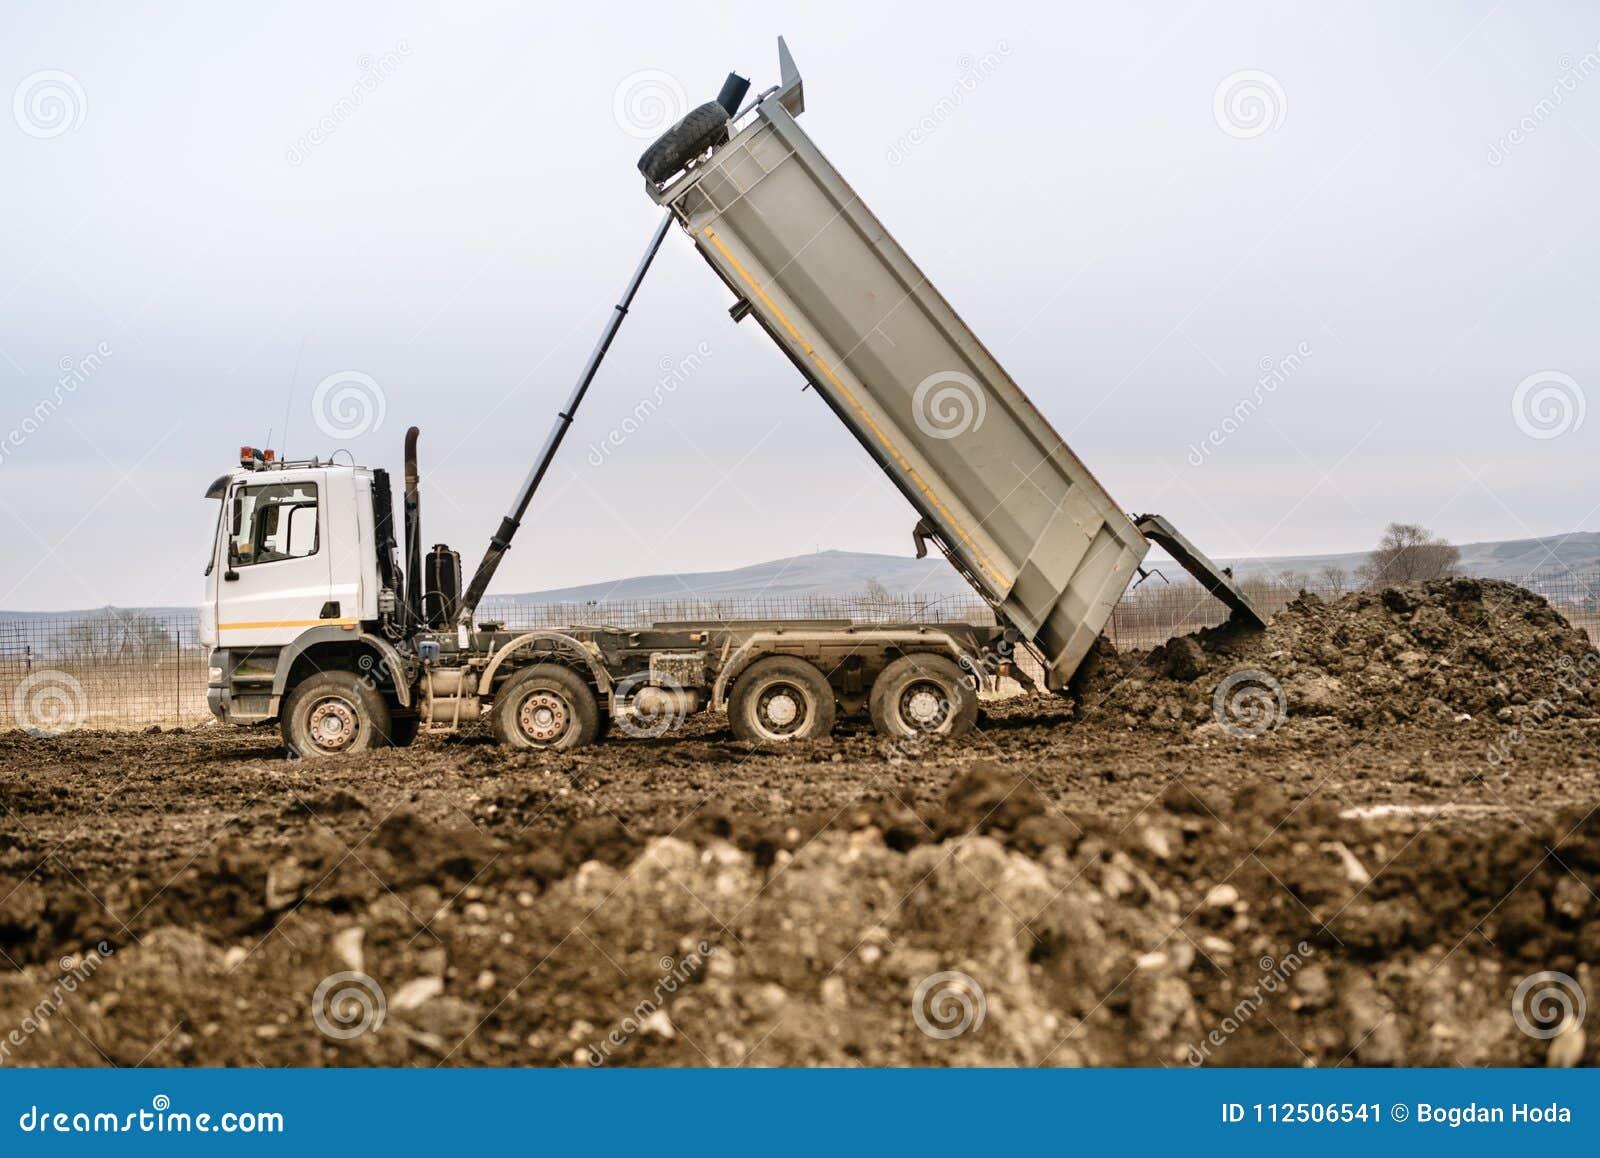 Τα βιομηχανικά Η.Ε φορτηγών εκφορτωτών που φορτώνουν το αμμοχάλικο και τη γη στο εργοτάξιο οικοδομής εθνικών οδών